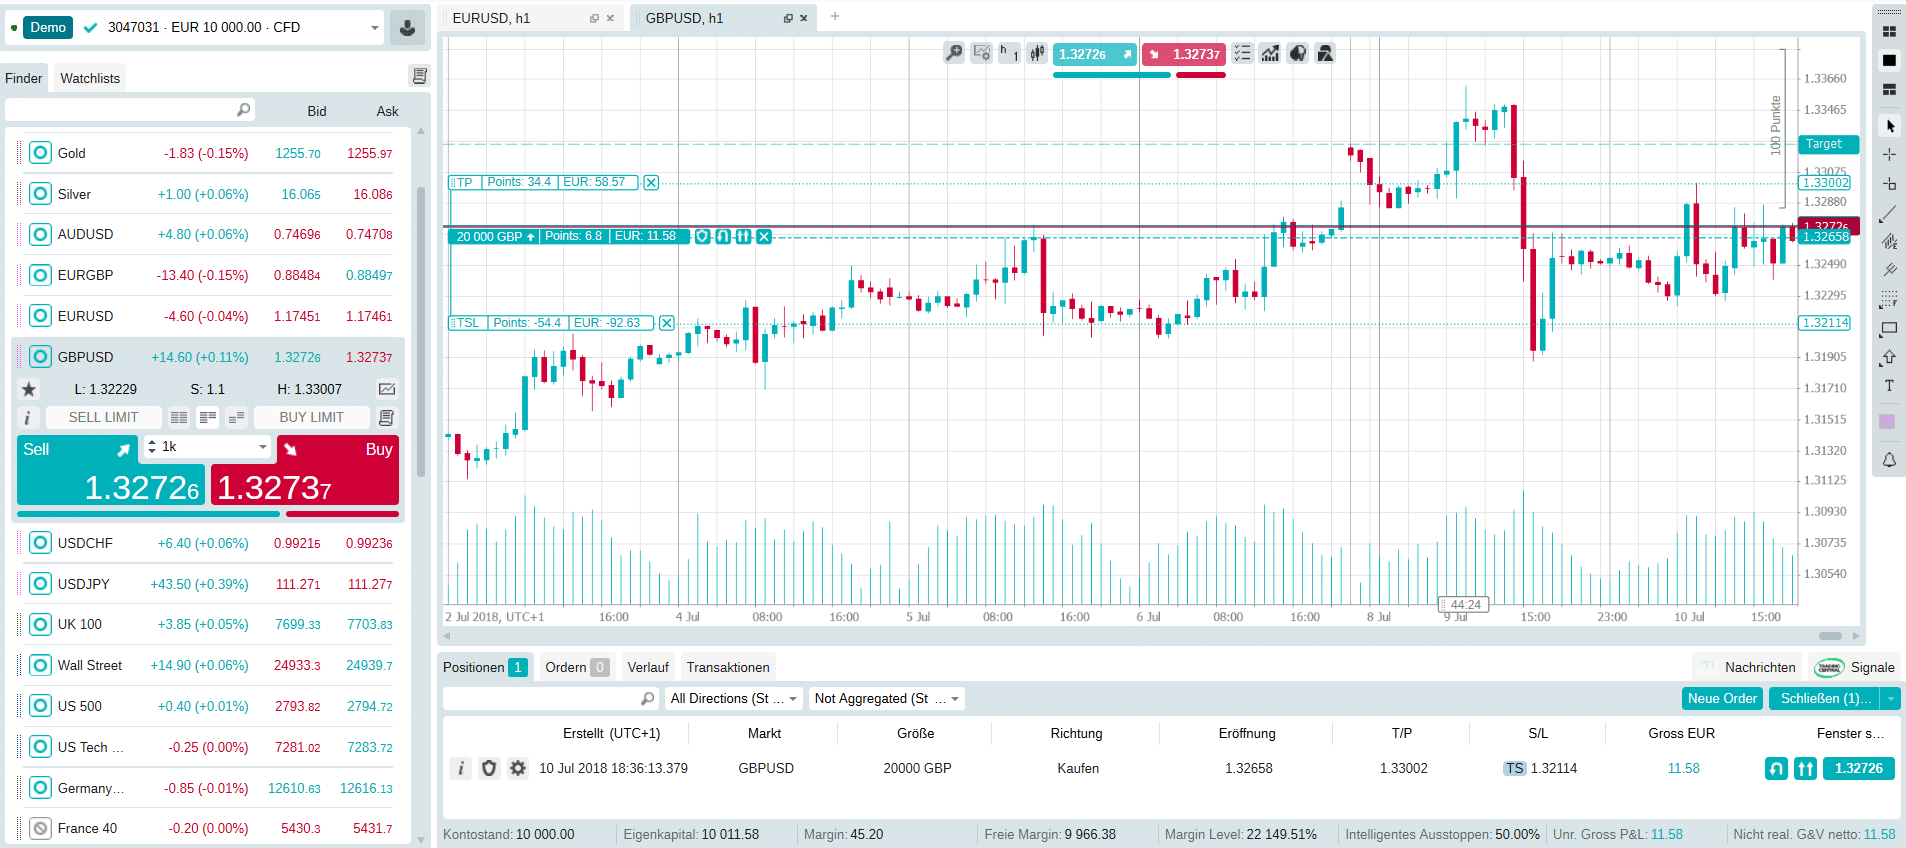 Kursverlauf des Währungspaares GBP/USD im LCG Trader